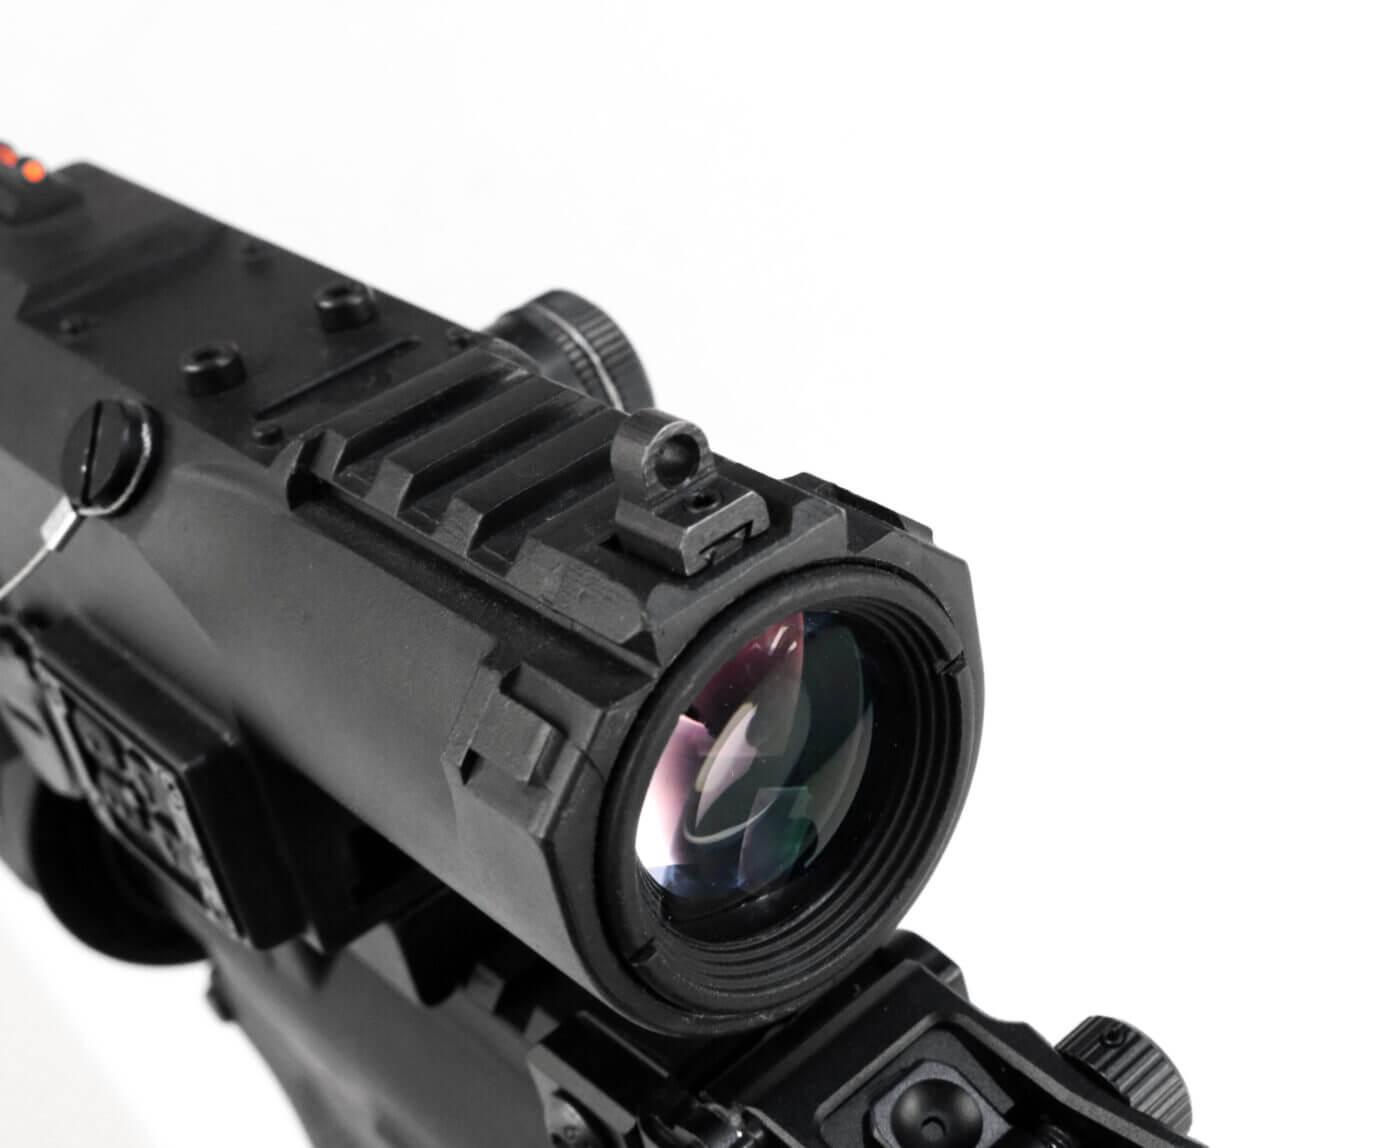 Back up sights on NcSTAR VISM ECO MOD2 scope